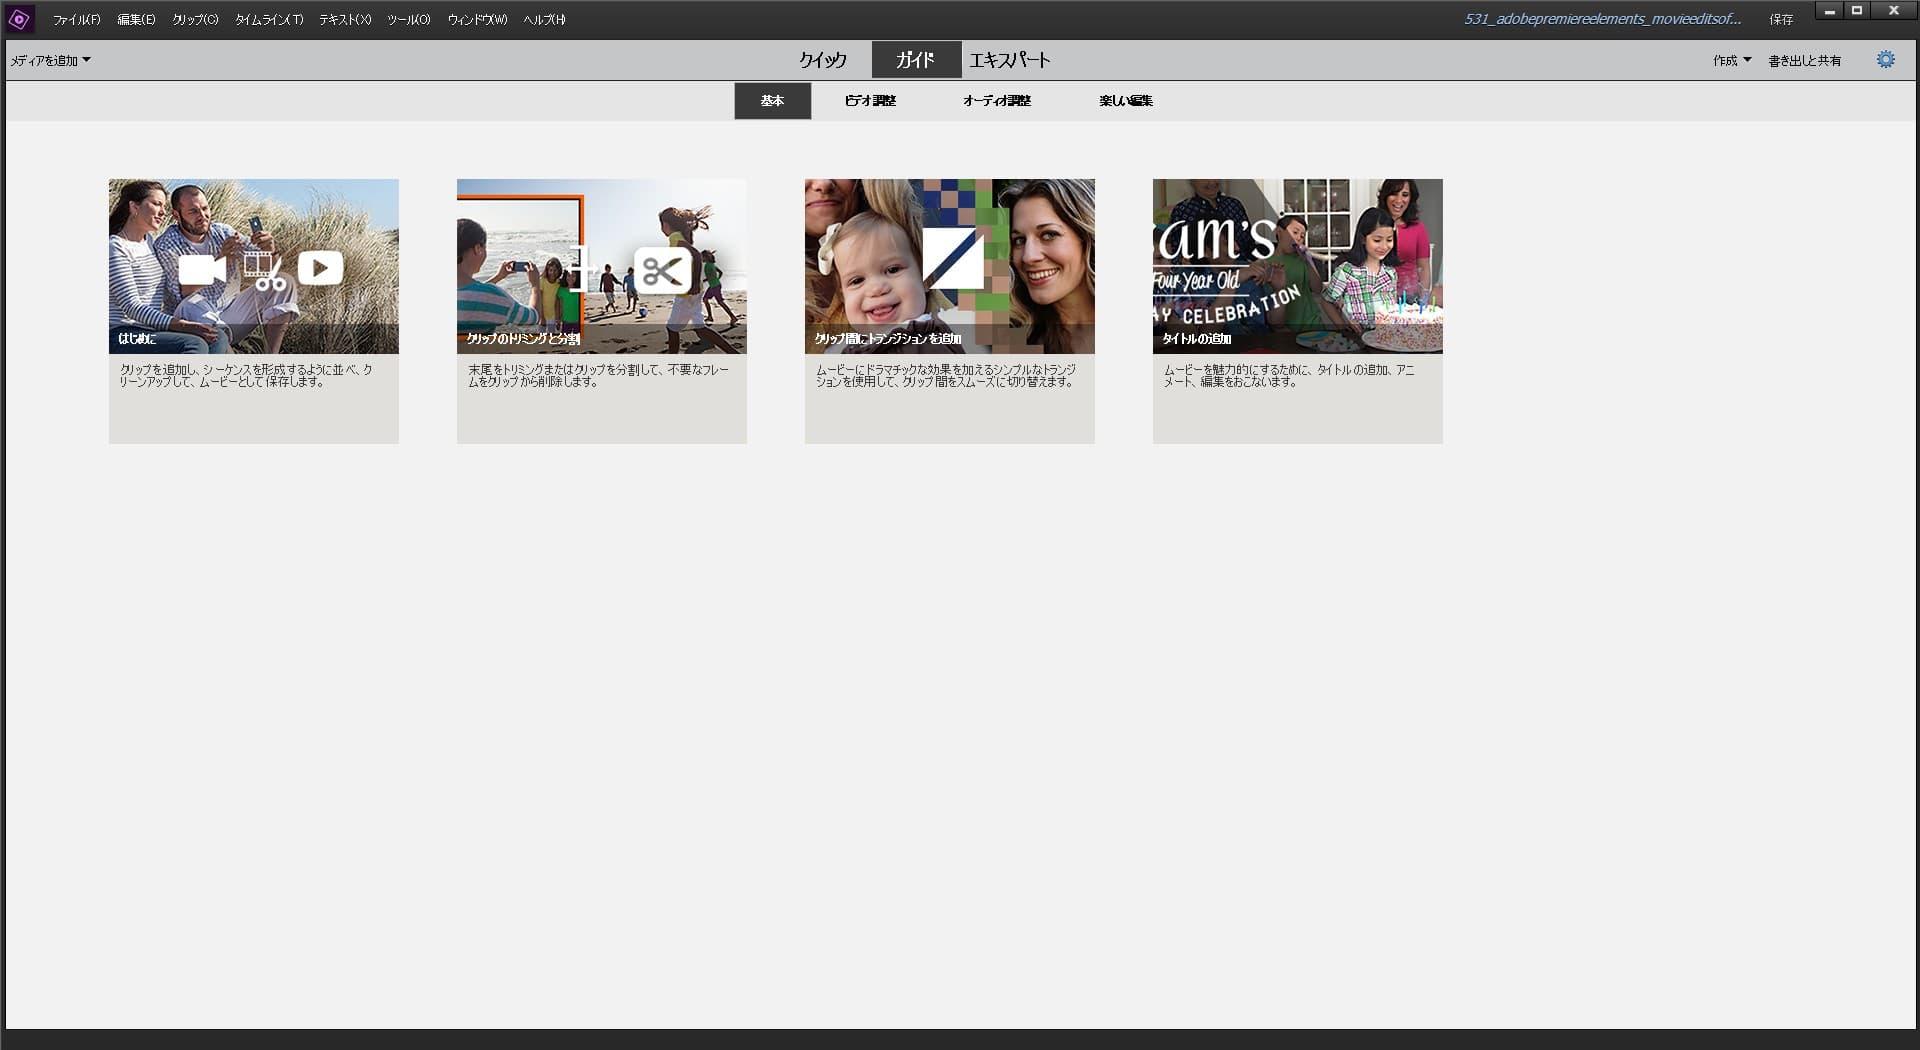 ガイド機能 Adobe Premiere Elements2019の使い方(1) 機能の紹介 動画編集ソフト アドビプレミアエレメンツ入門